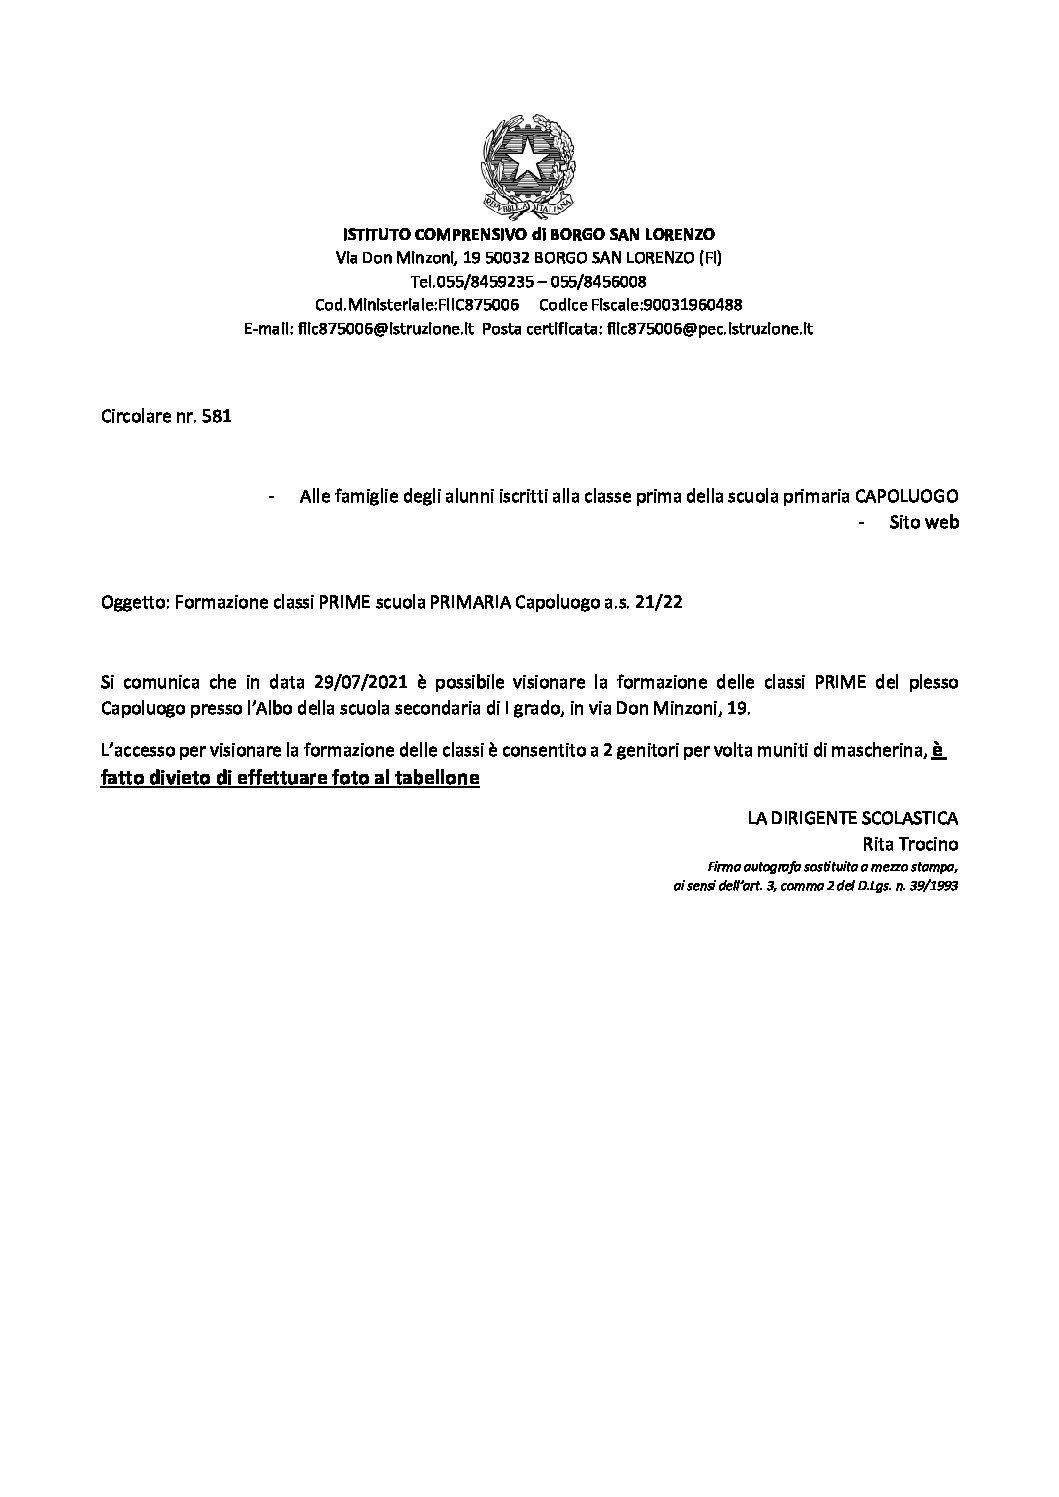 CIRCOLARE NR. 581- Formazione classi PRIME – SCUOLA PRIMARIA DANTE ALIGHIERI a.s. 21/22